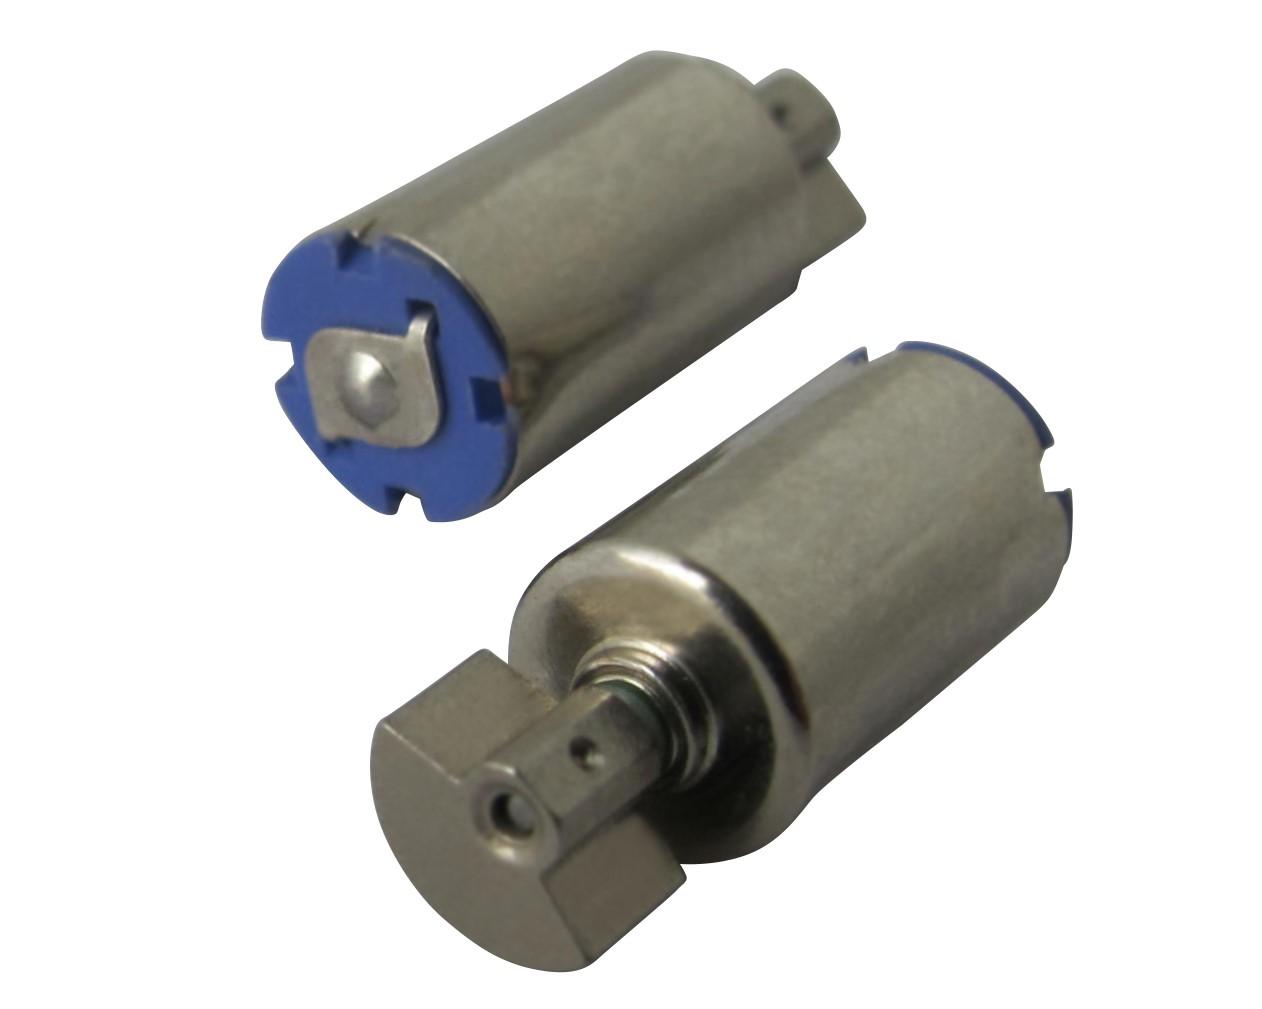 Z6SC3A0060001 Cylindrical Vibrator Motor